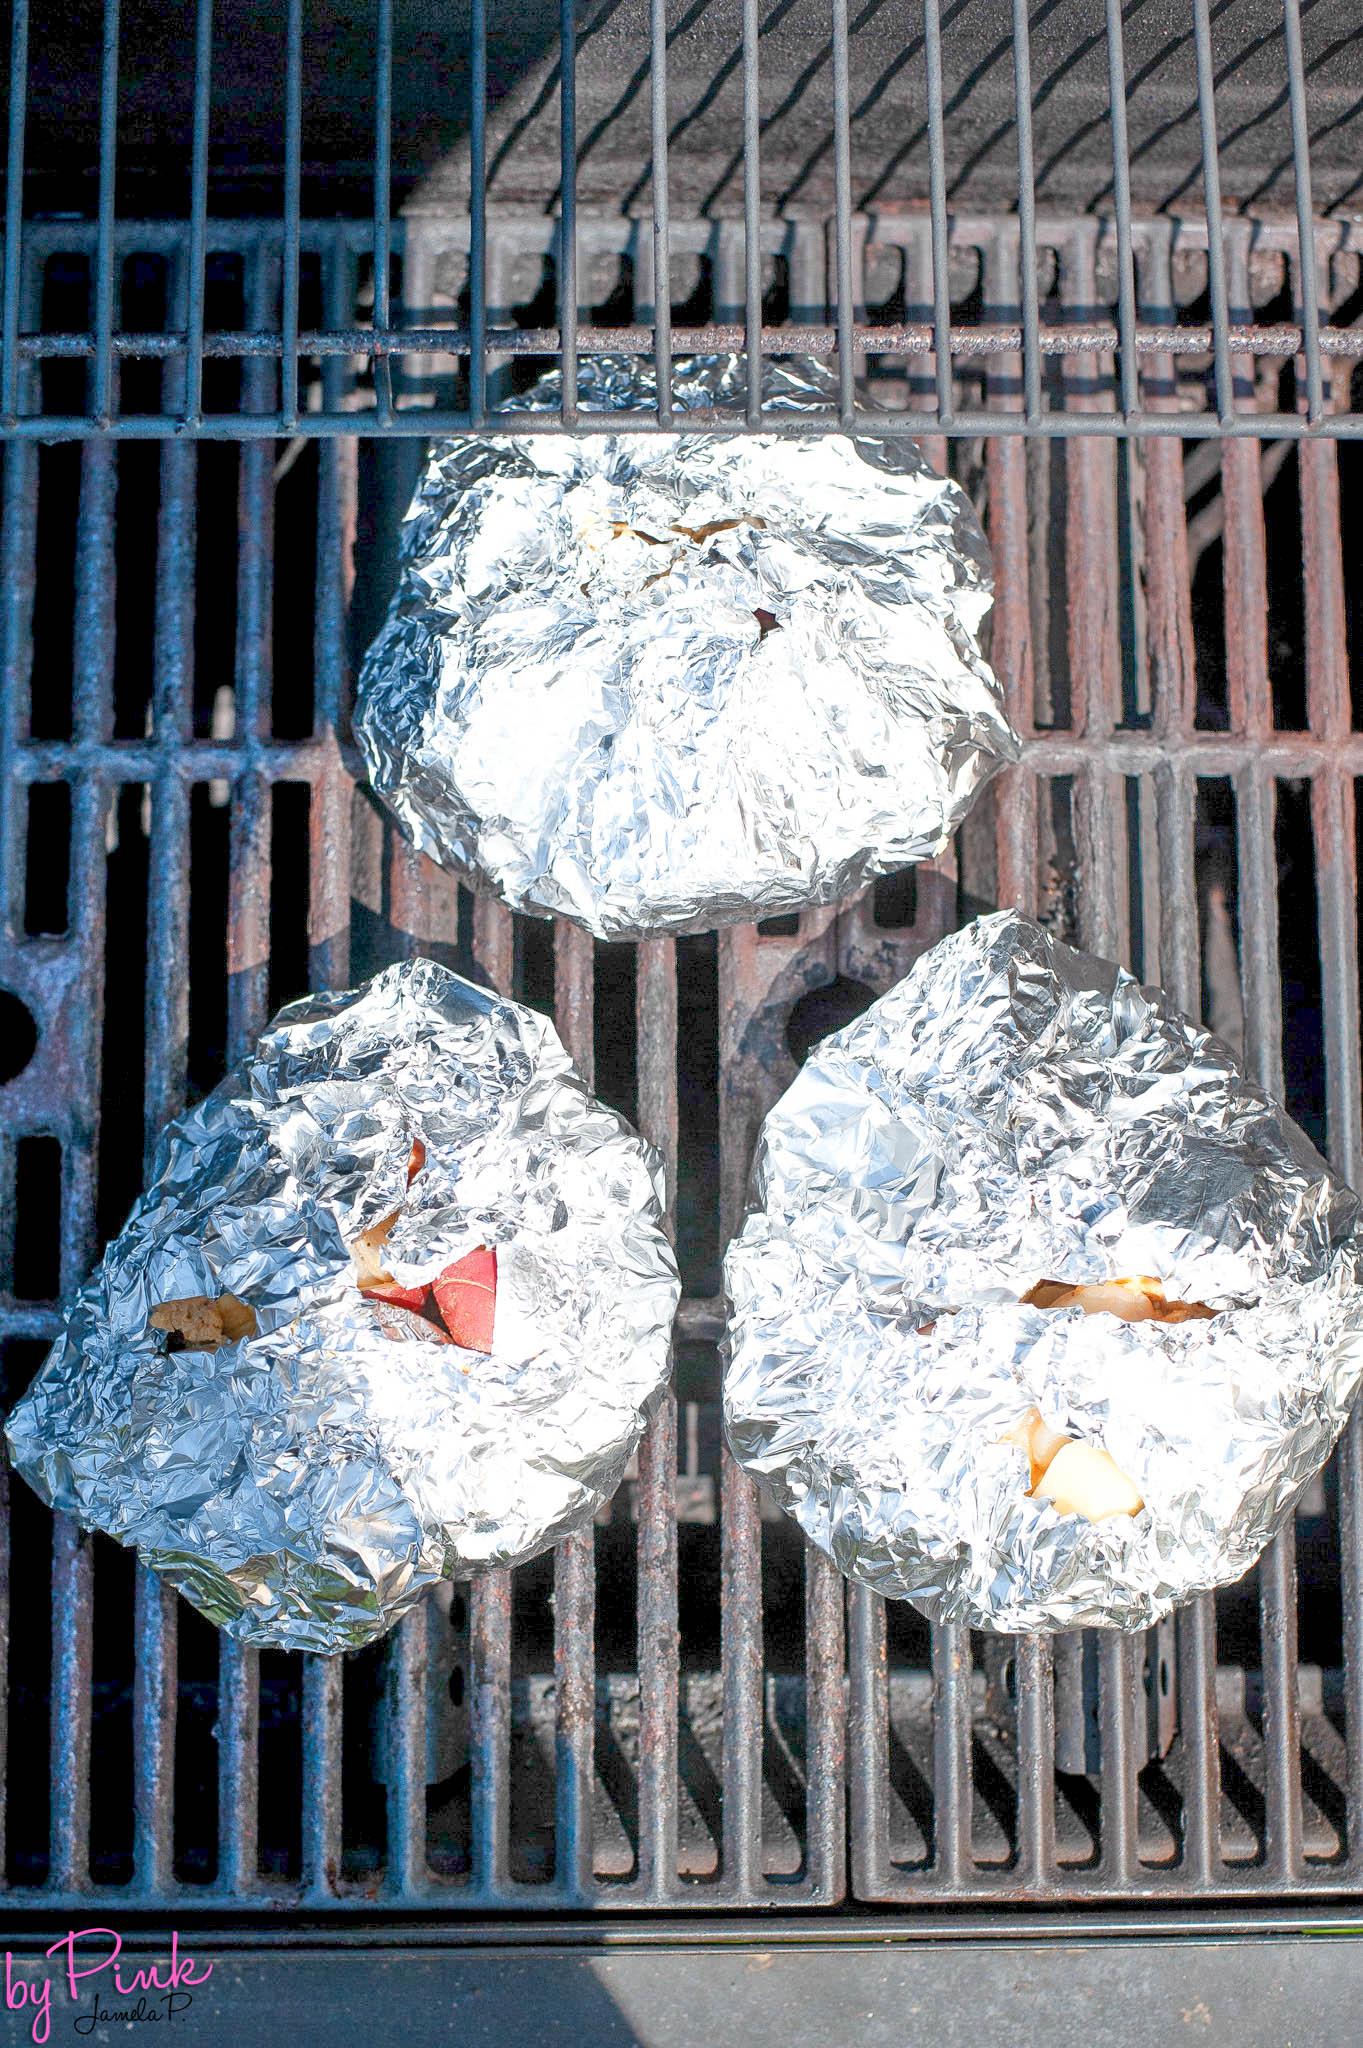 shrimp boil packs on the grill